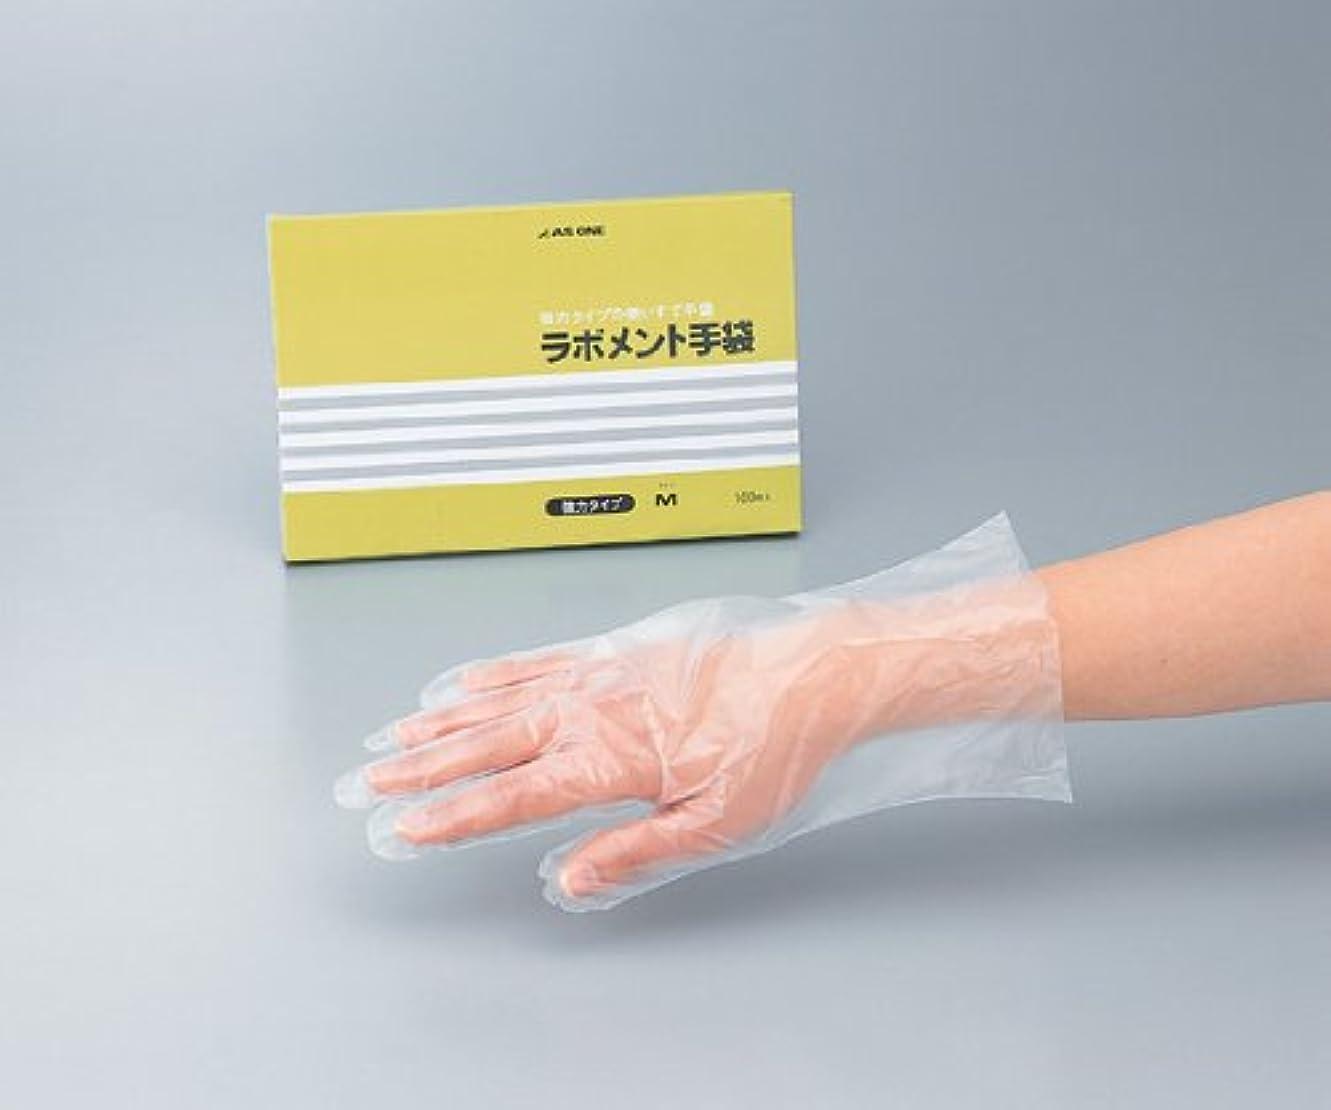 食器棚シンプルさペースアズワン6-897-02ラボメント手袋M100枚入